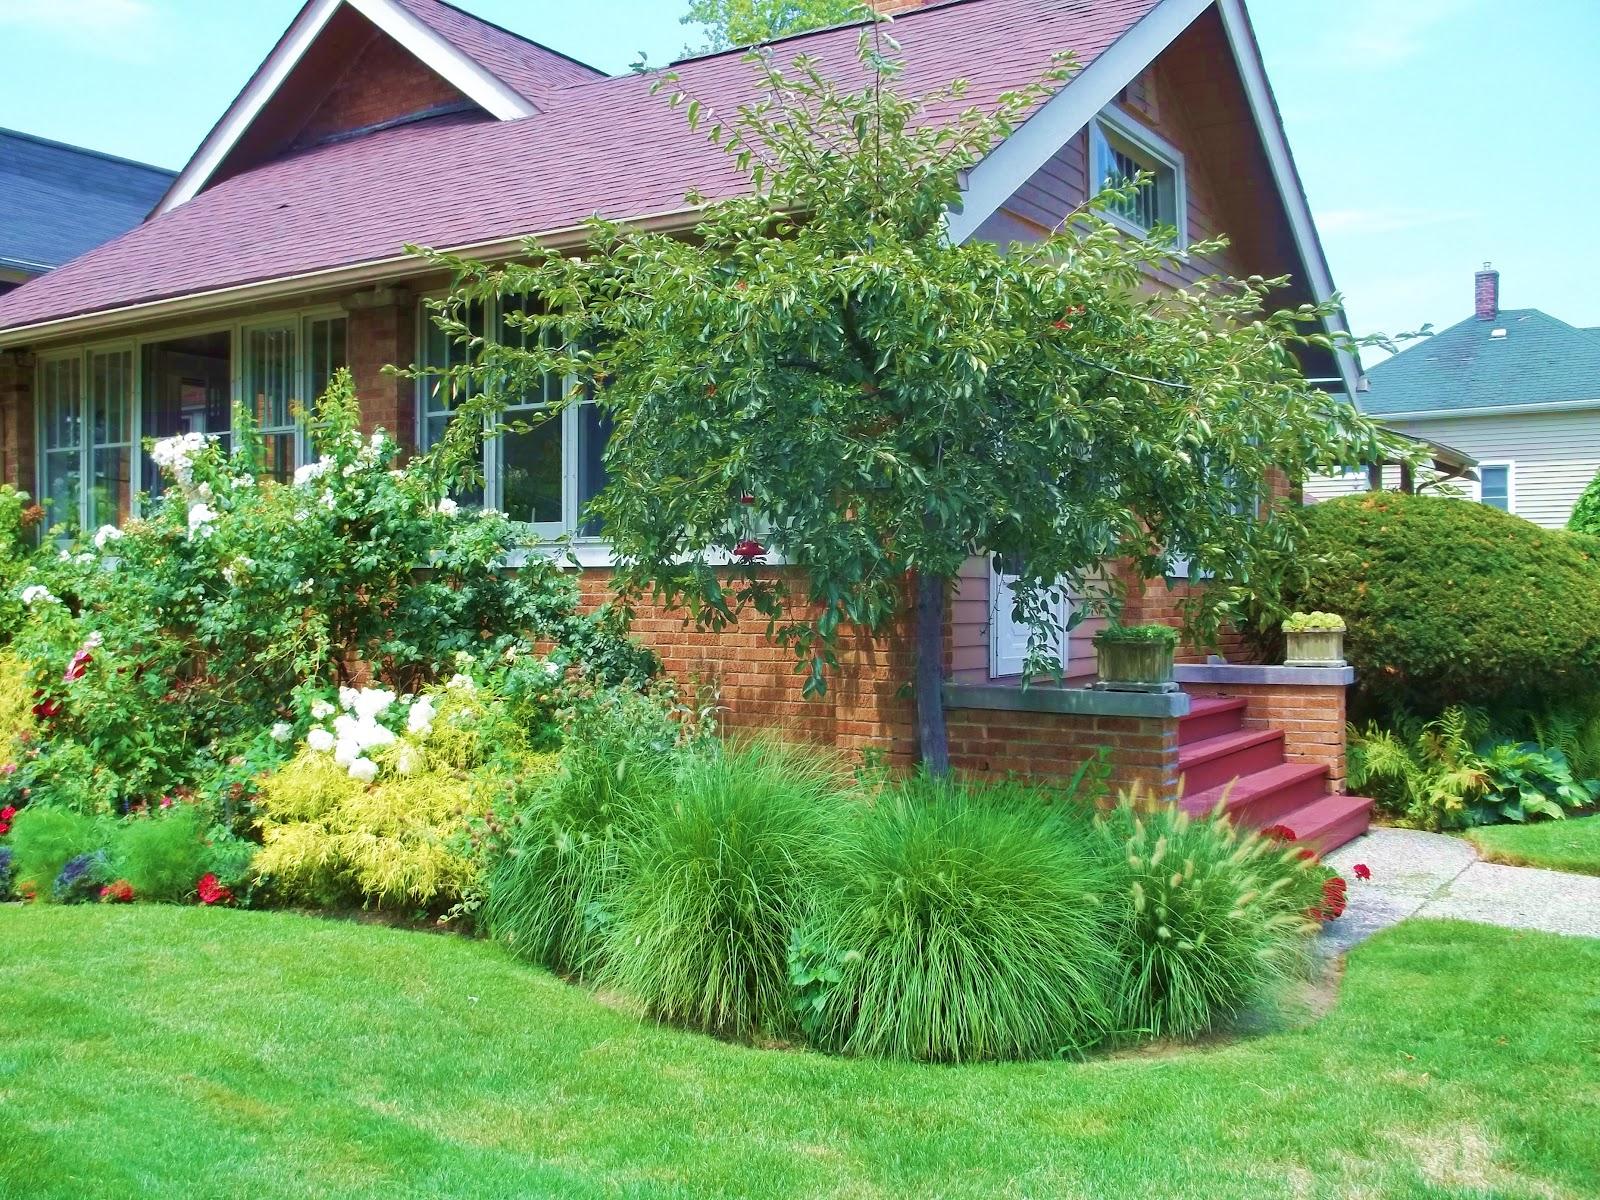 cottage garden ideas decorating pinterest